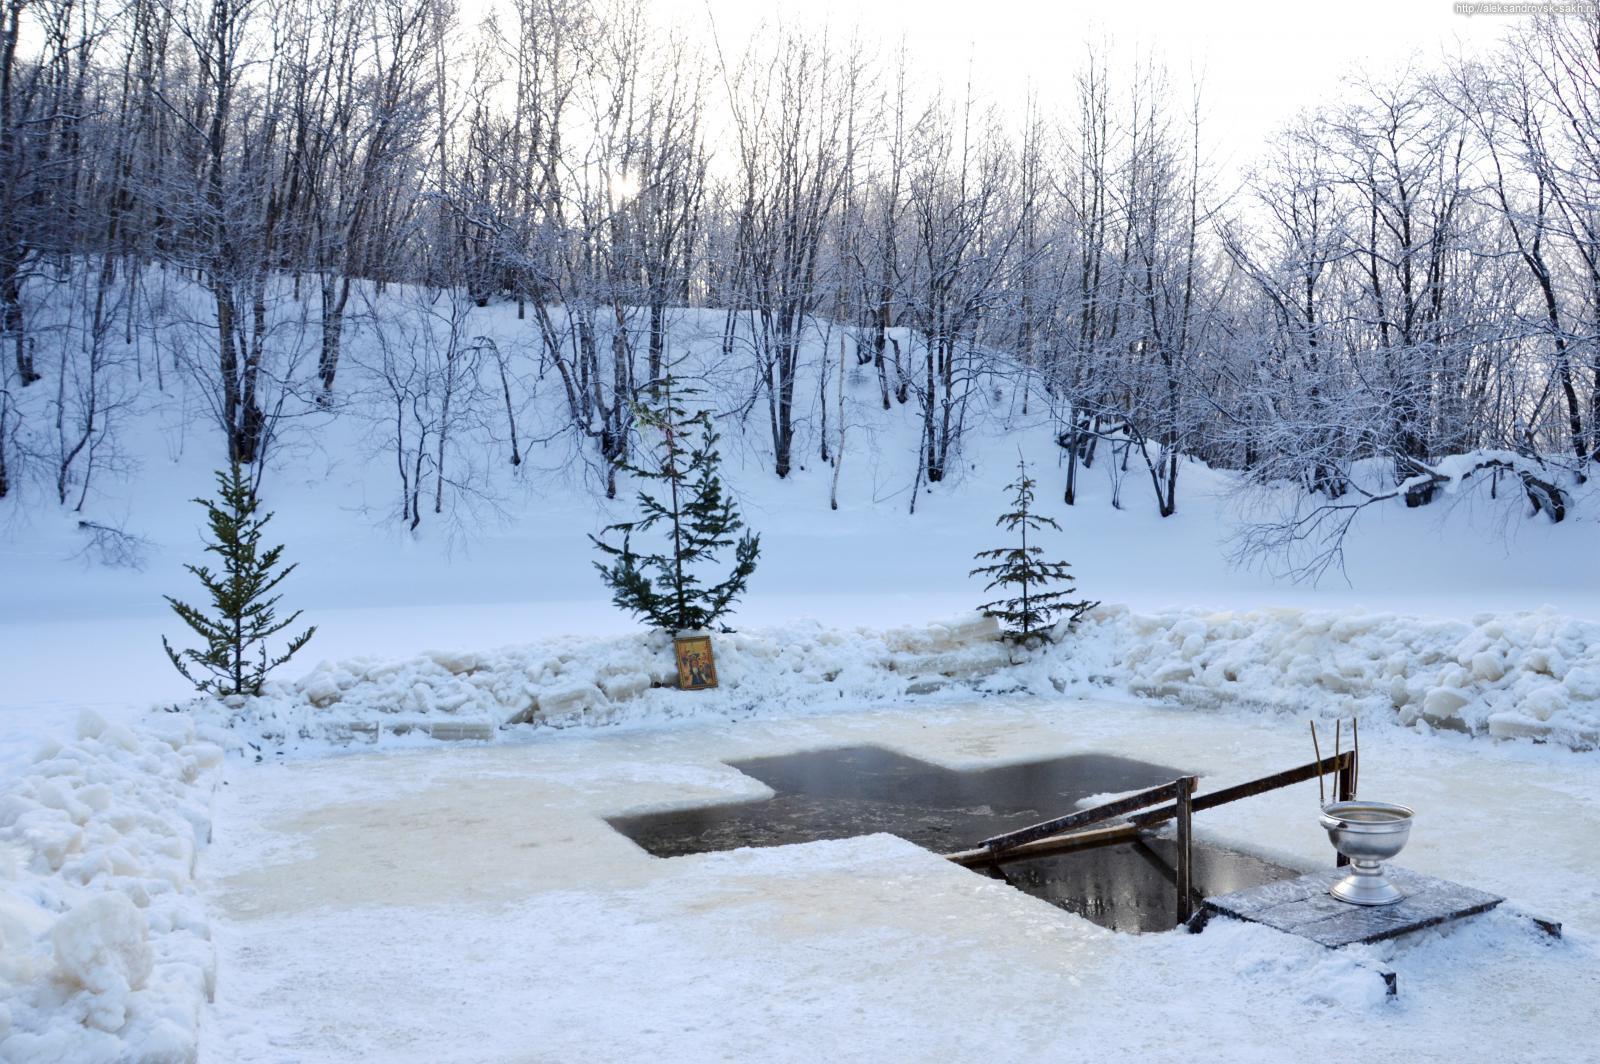 Крещенское купание на озере Лесном в Александровске-Сахалинском